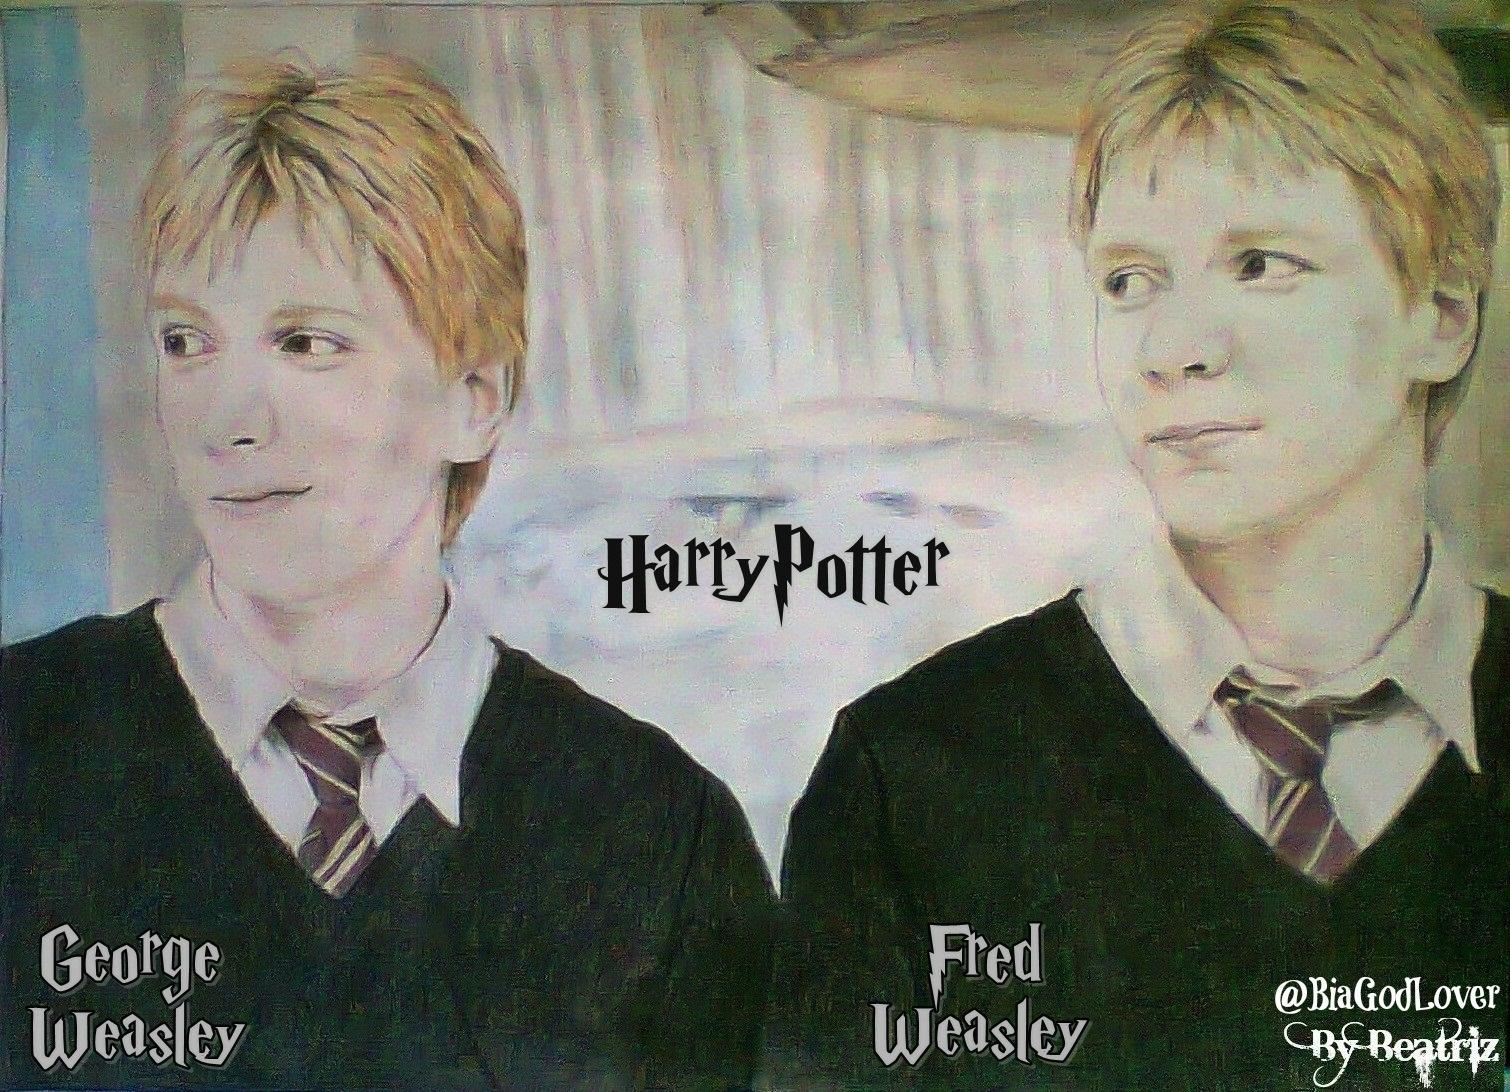 Fred Weasley And Hermione Granger Fan Art Harry Potter vs. The L...